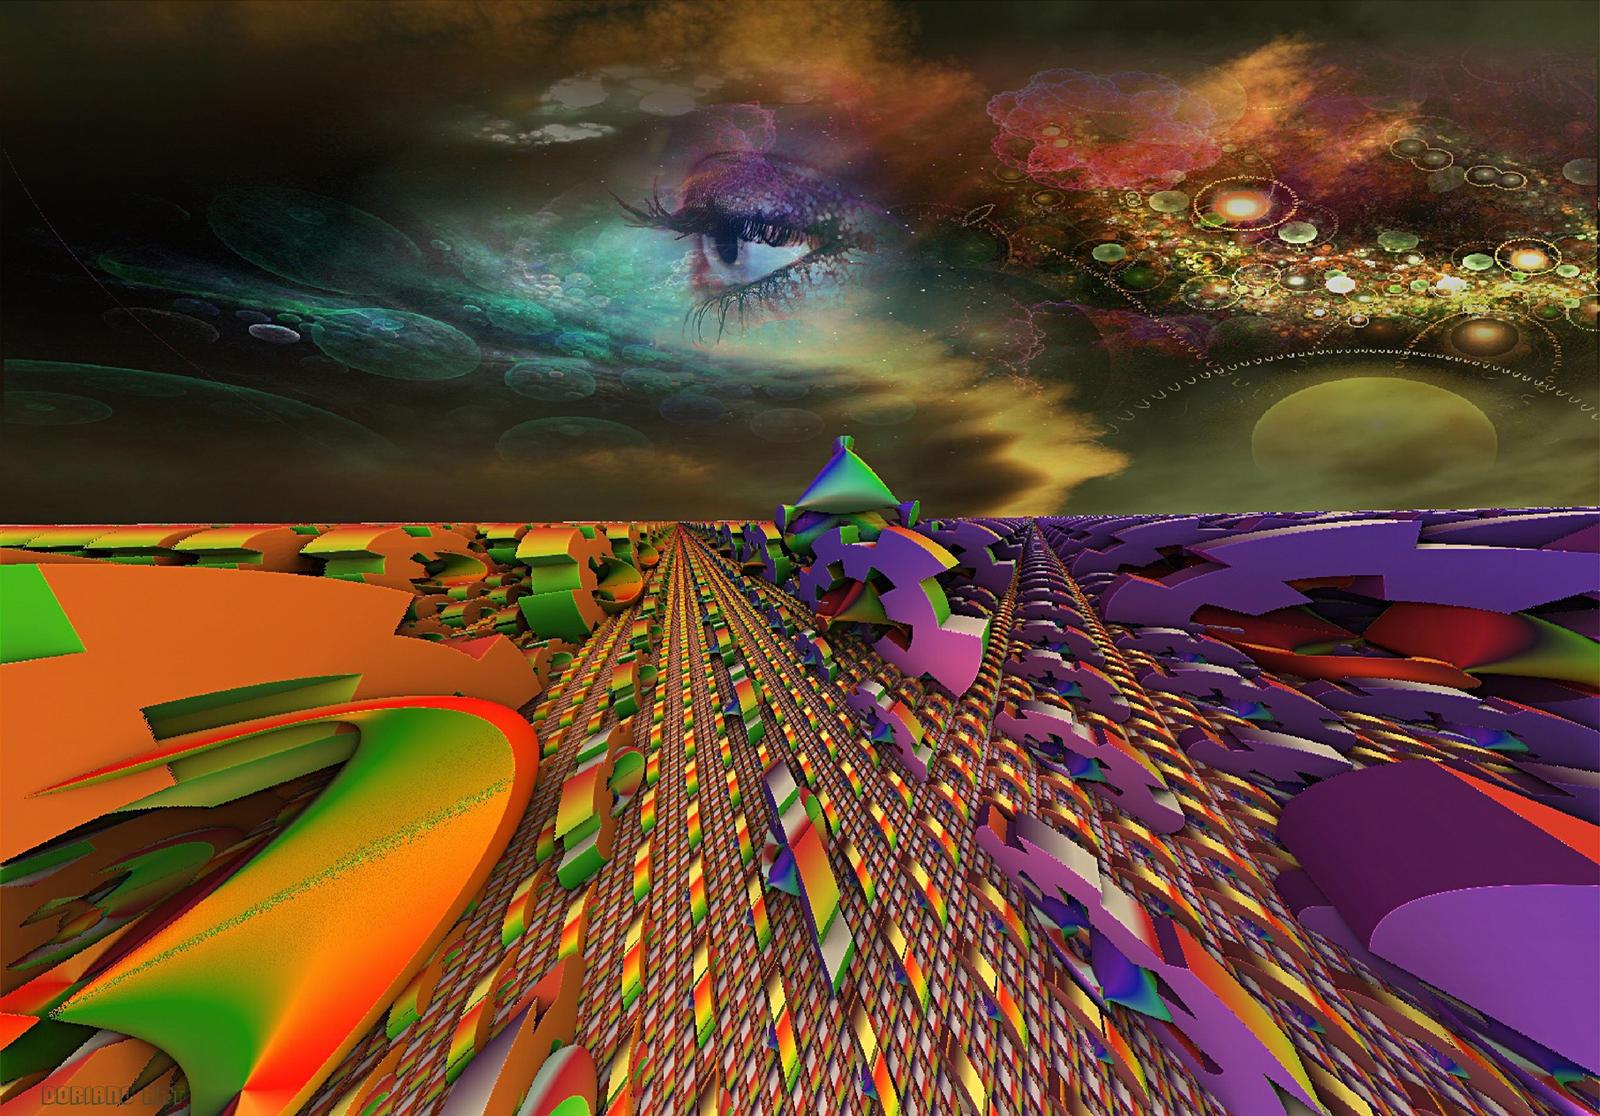 EYE  IN THE SKY by DorianoArt